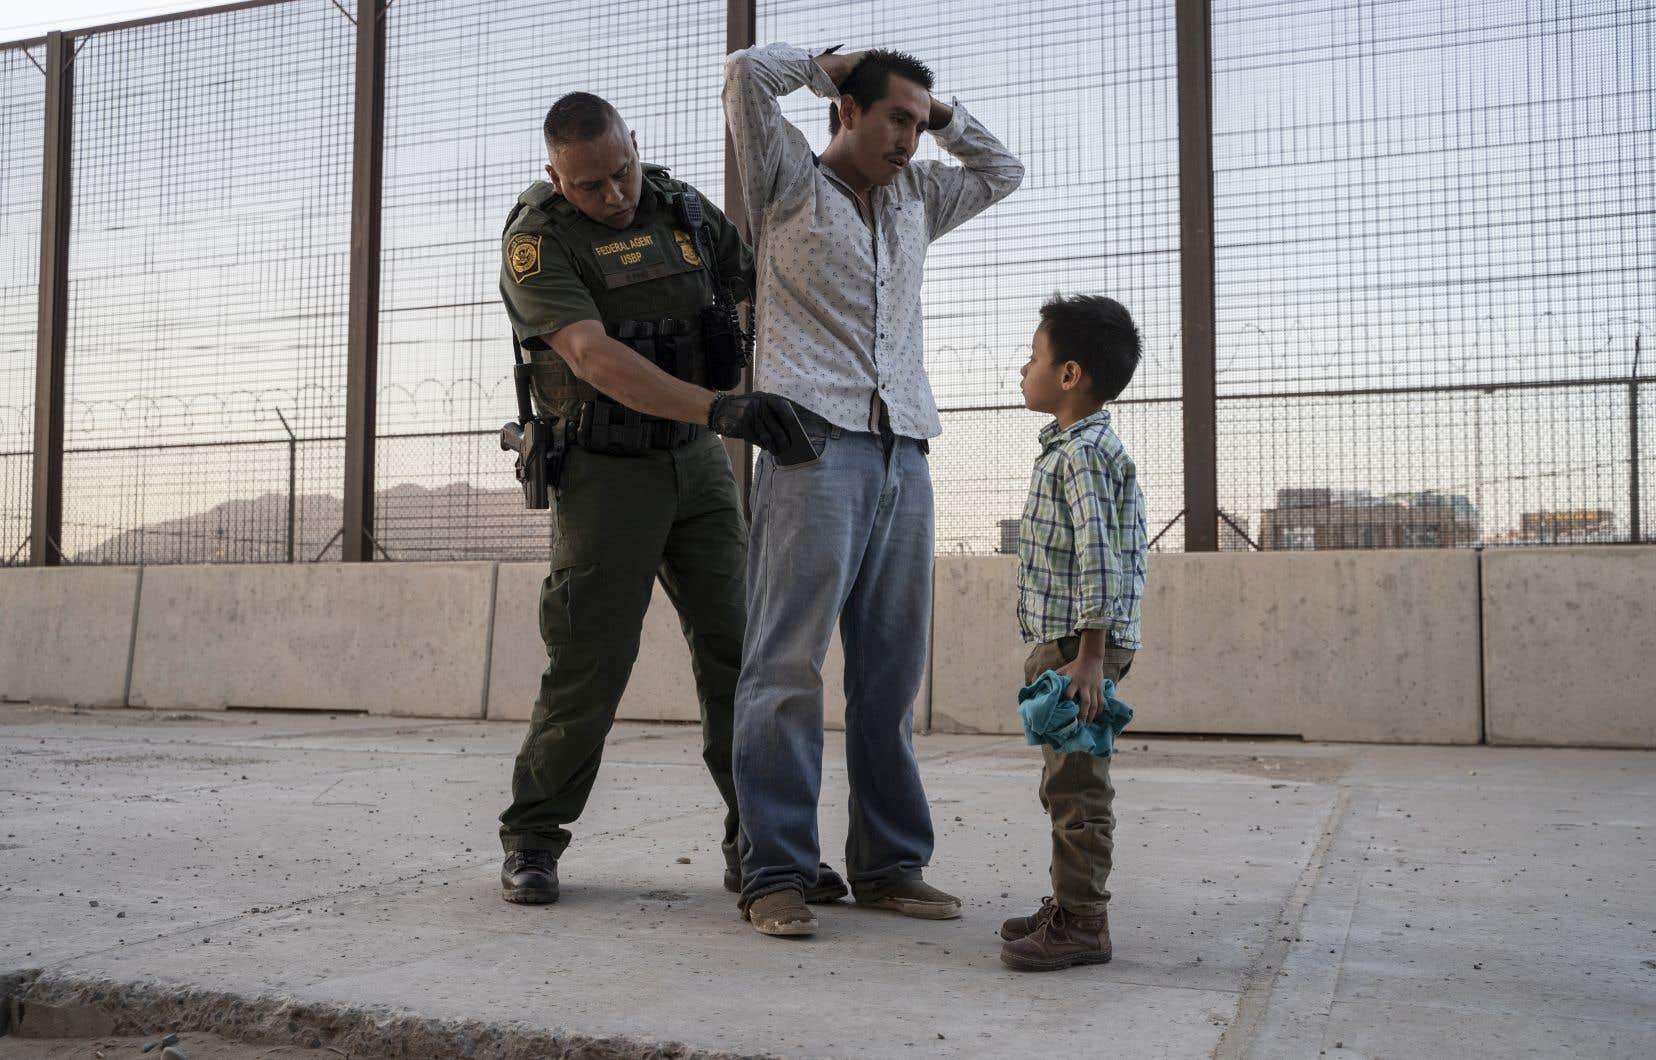 Les États-Unis font face à un afflux de migrants à leur frontière avec le Mexique, avec plus de 100000 personnes arrêtées chaque mois depuis mars, dont de nombreuses familles avec enfants.